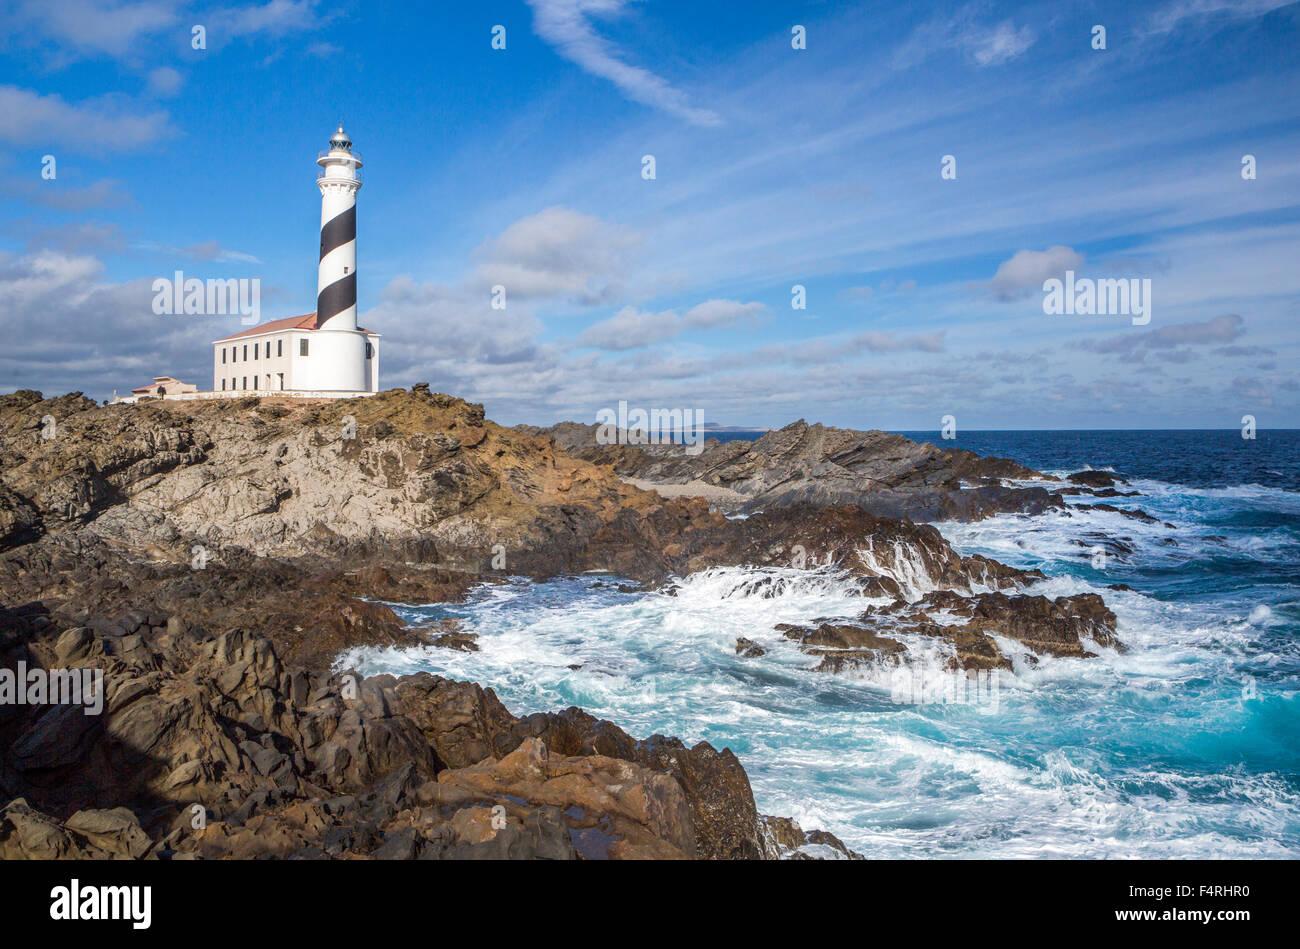 Îles Baléares, Favaritx, Paysage, Minorque, Baleares, Espagne, Europe, le ressort, l'architecture, Photo Stock